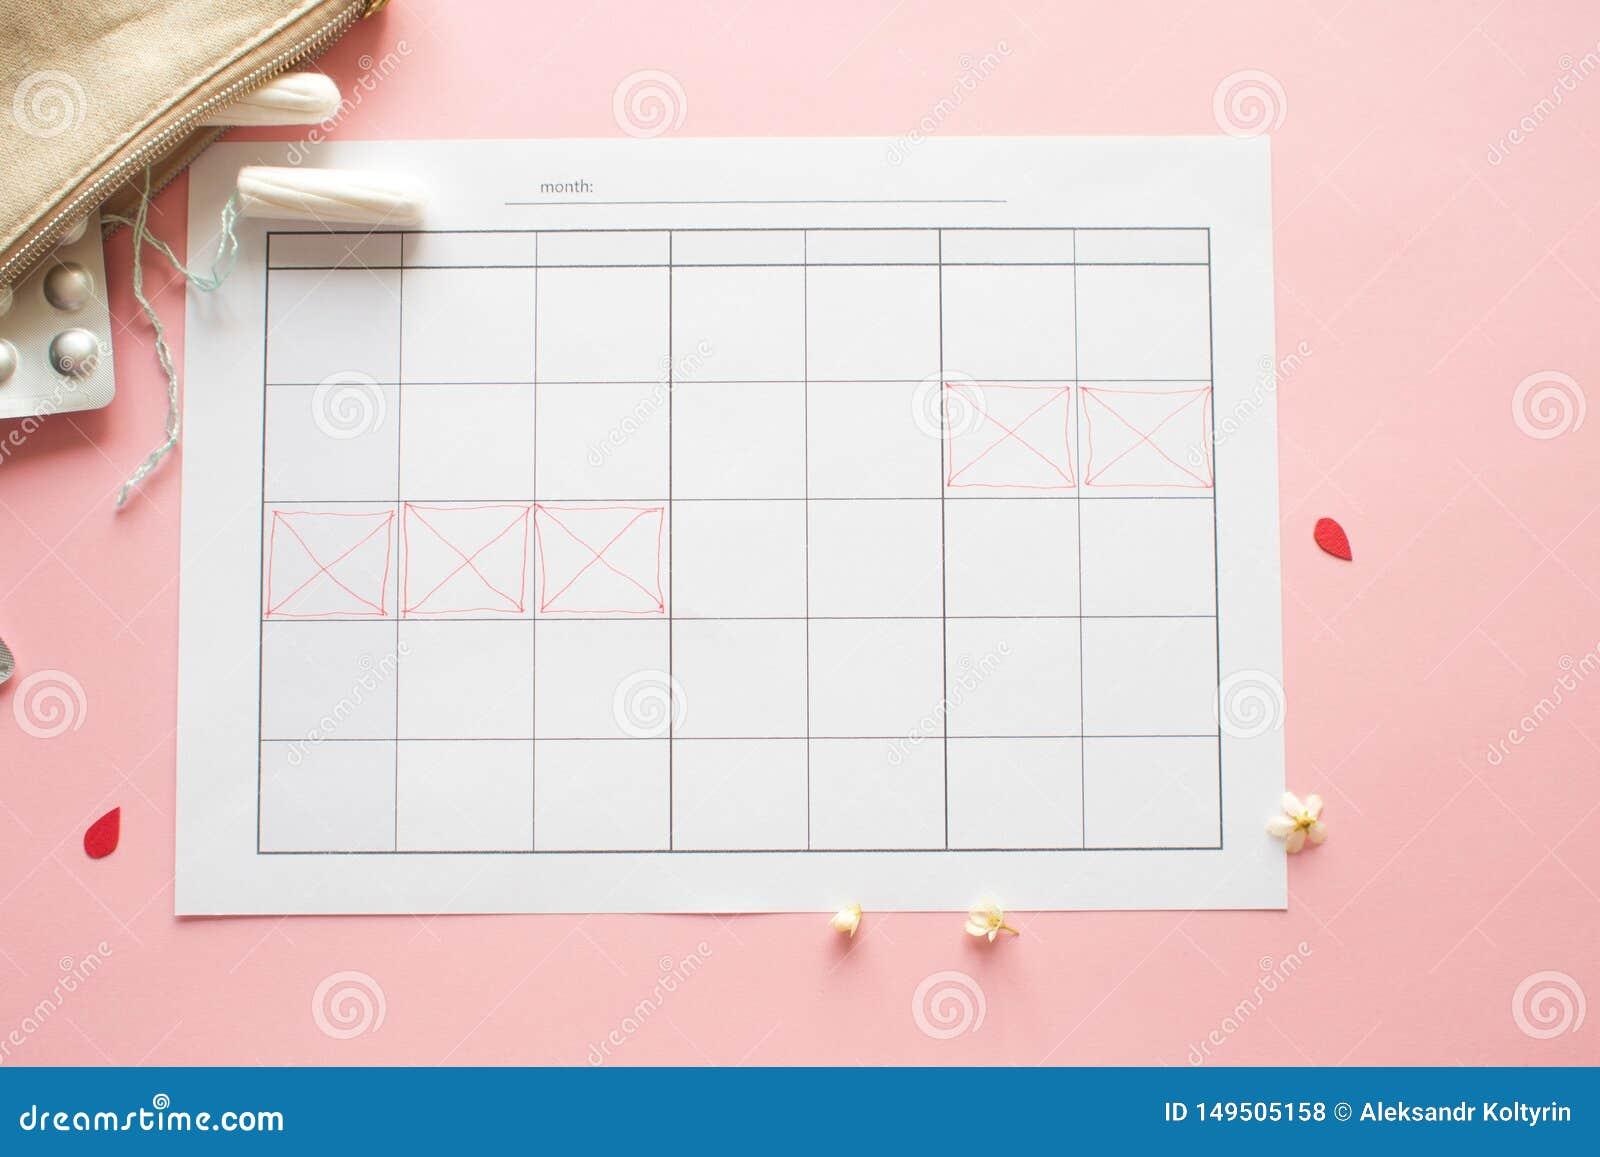 Calend?rio para o m?s e a marca do ciclo menstrual PMS e o conceito cr?tico dos dias